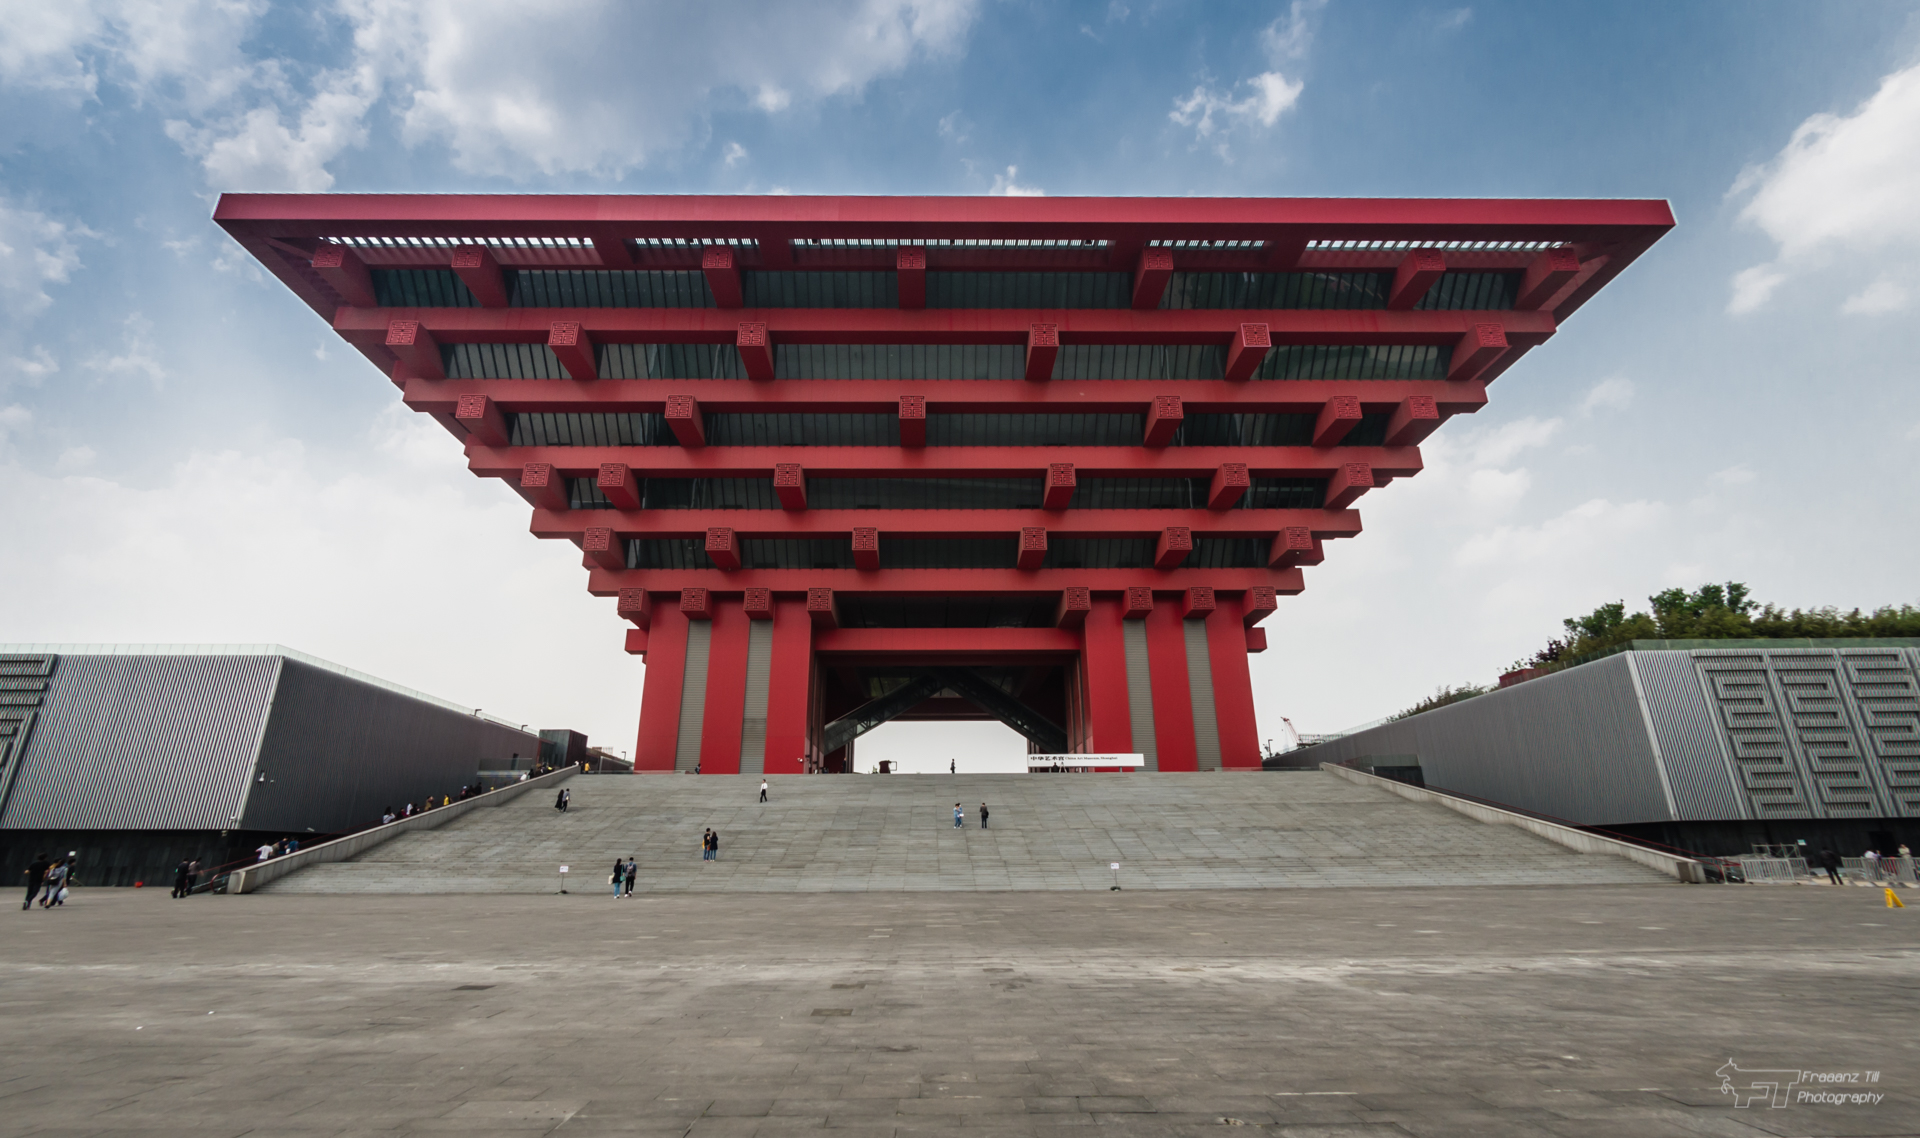 China Art Museum - Shanghai, China